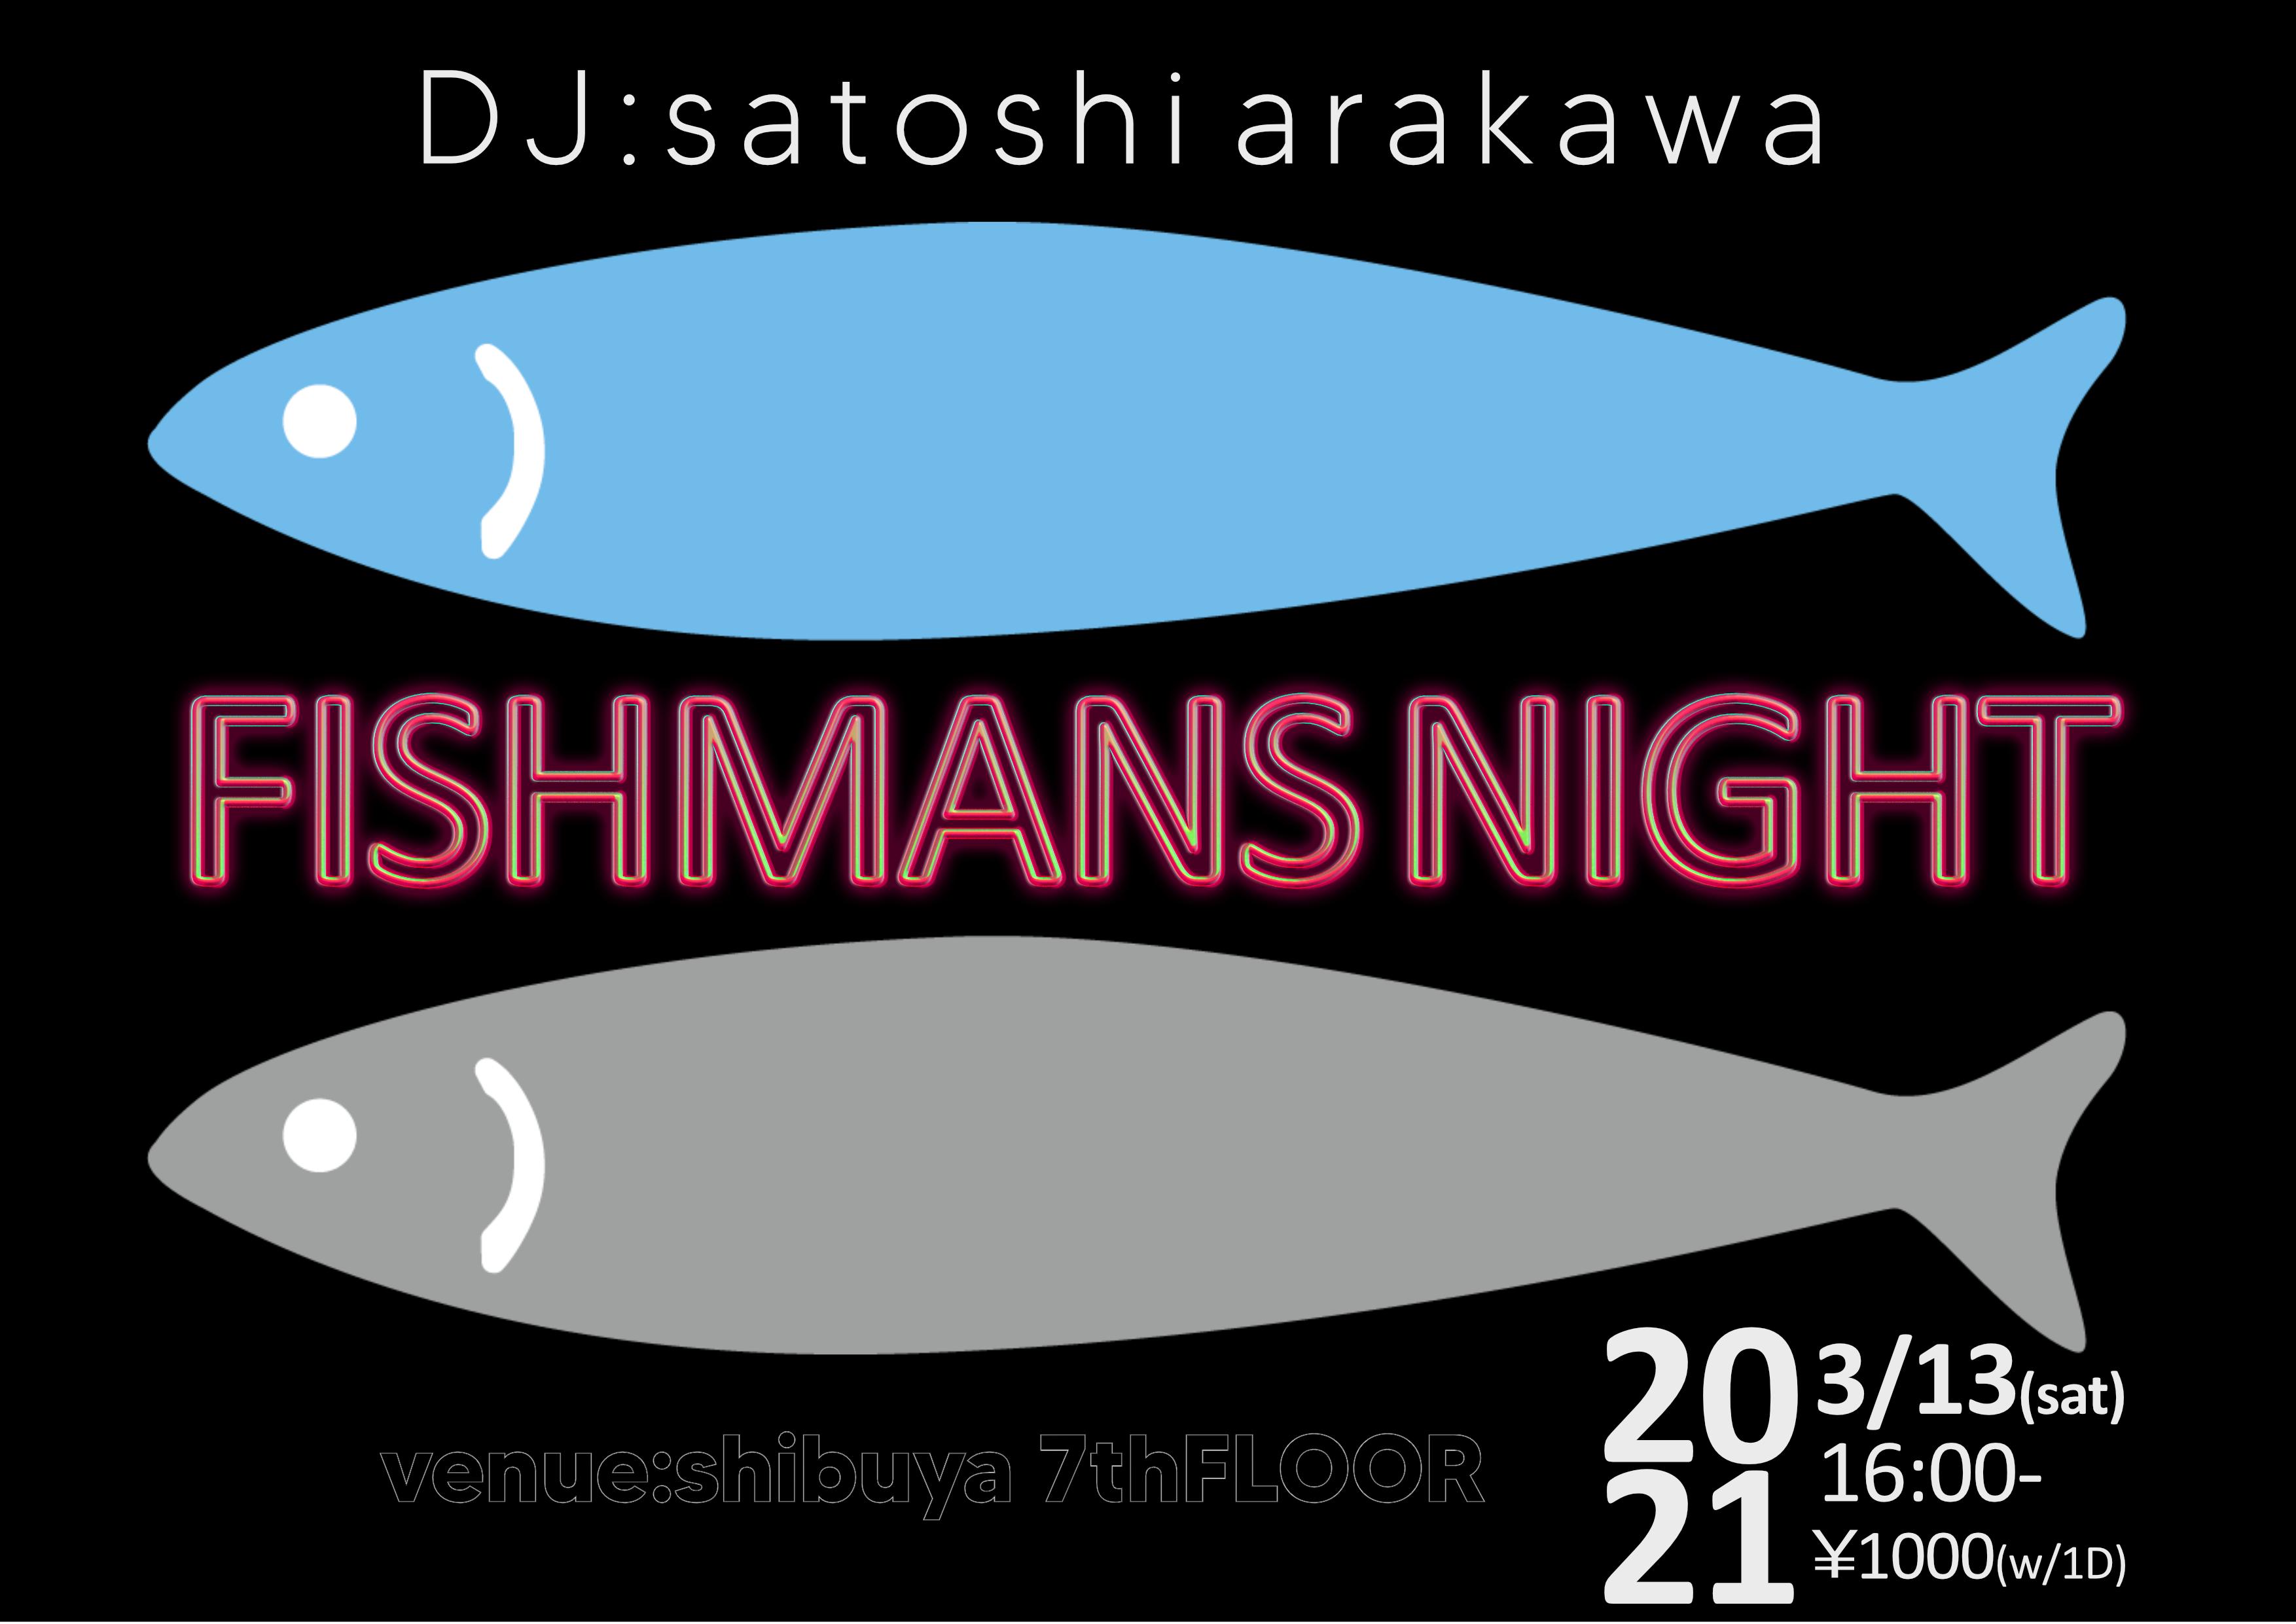 FISHMANS NIGHT